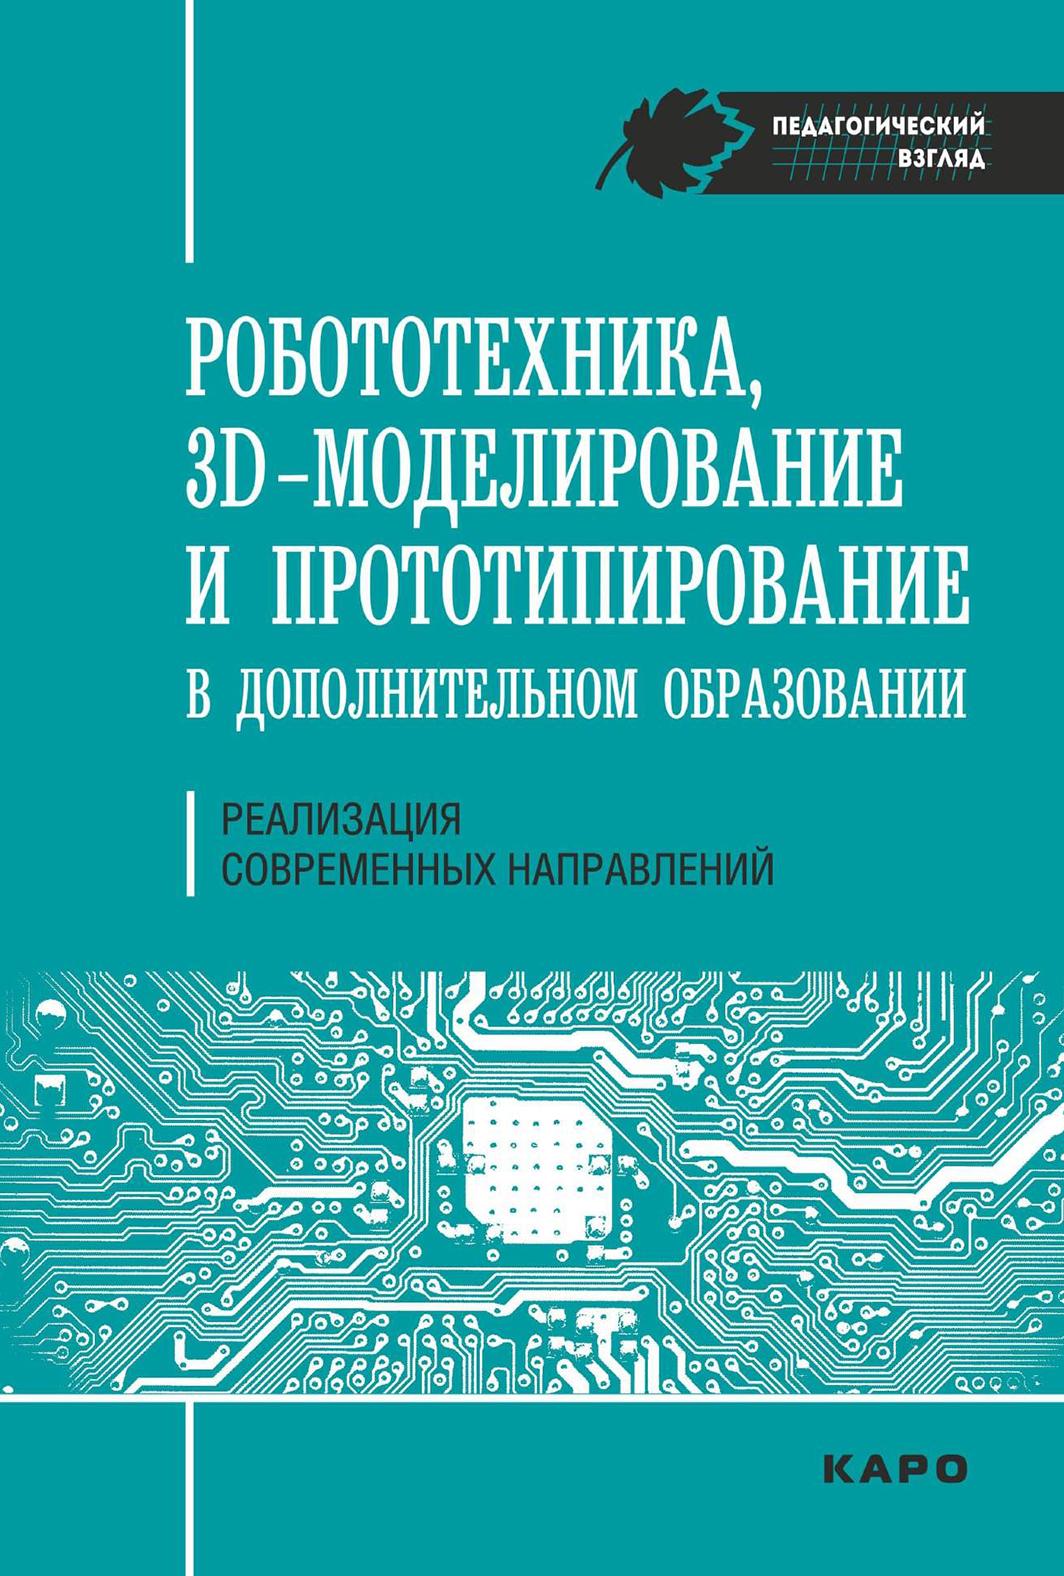 С. В. Гайсина Робототехника, ЗD-моделирование, прототипирование в дополнительном образовании. Реализация современных направлений